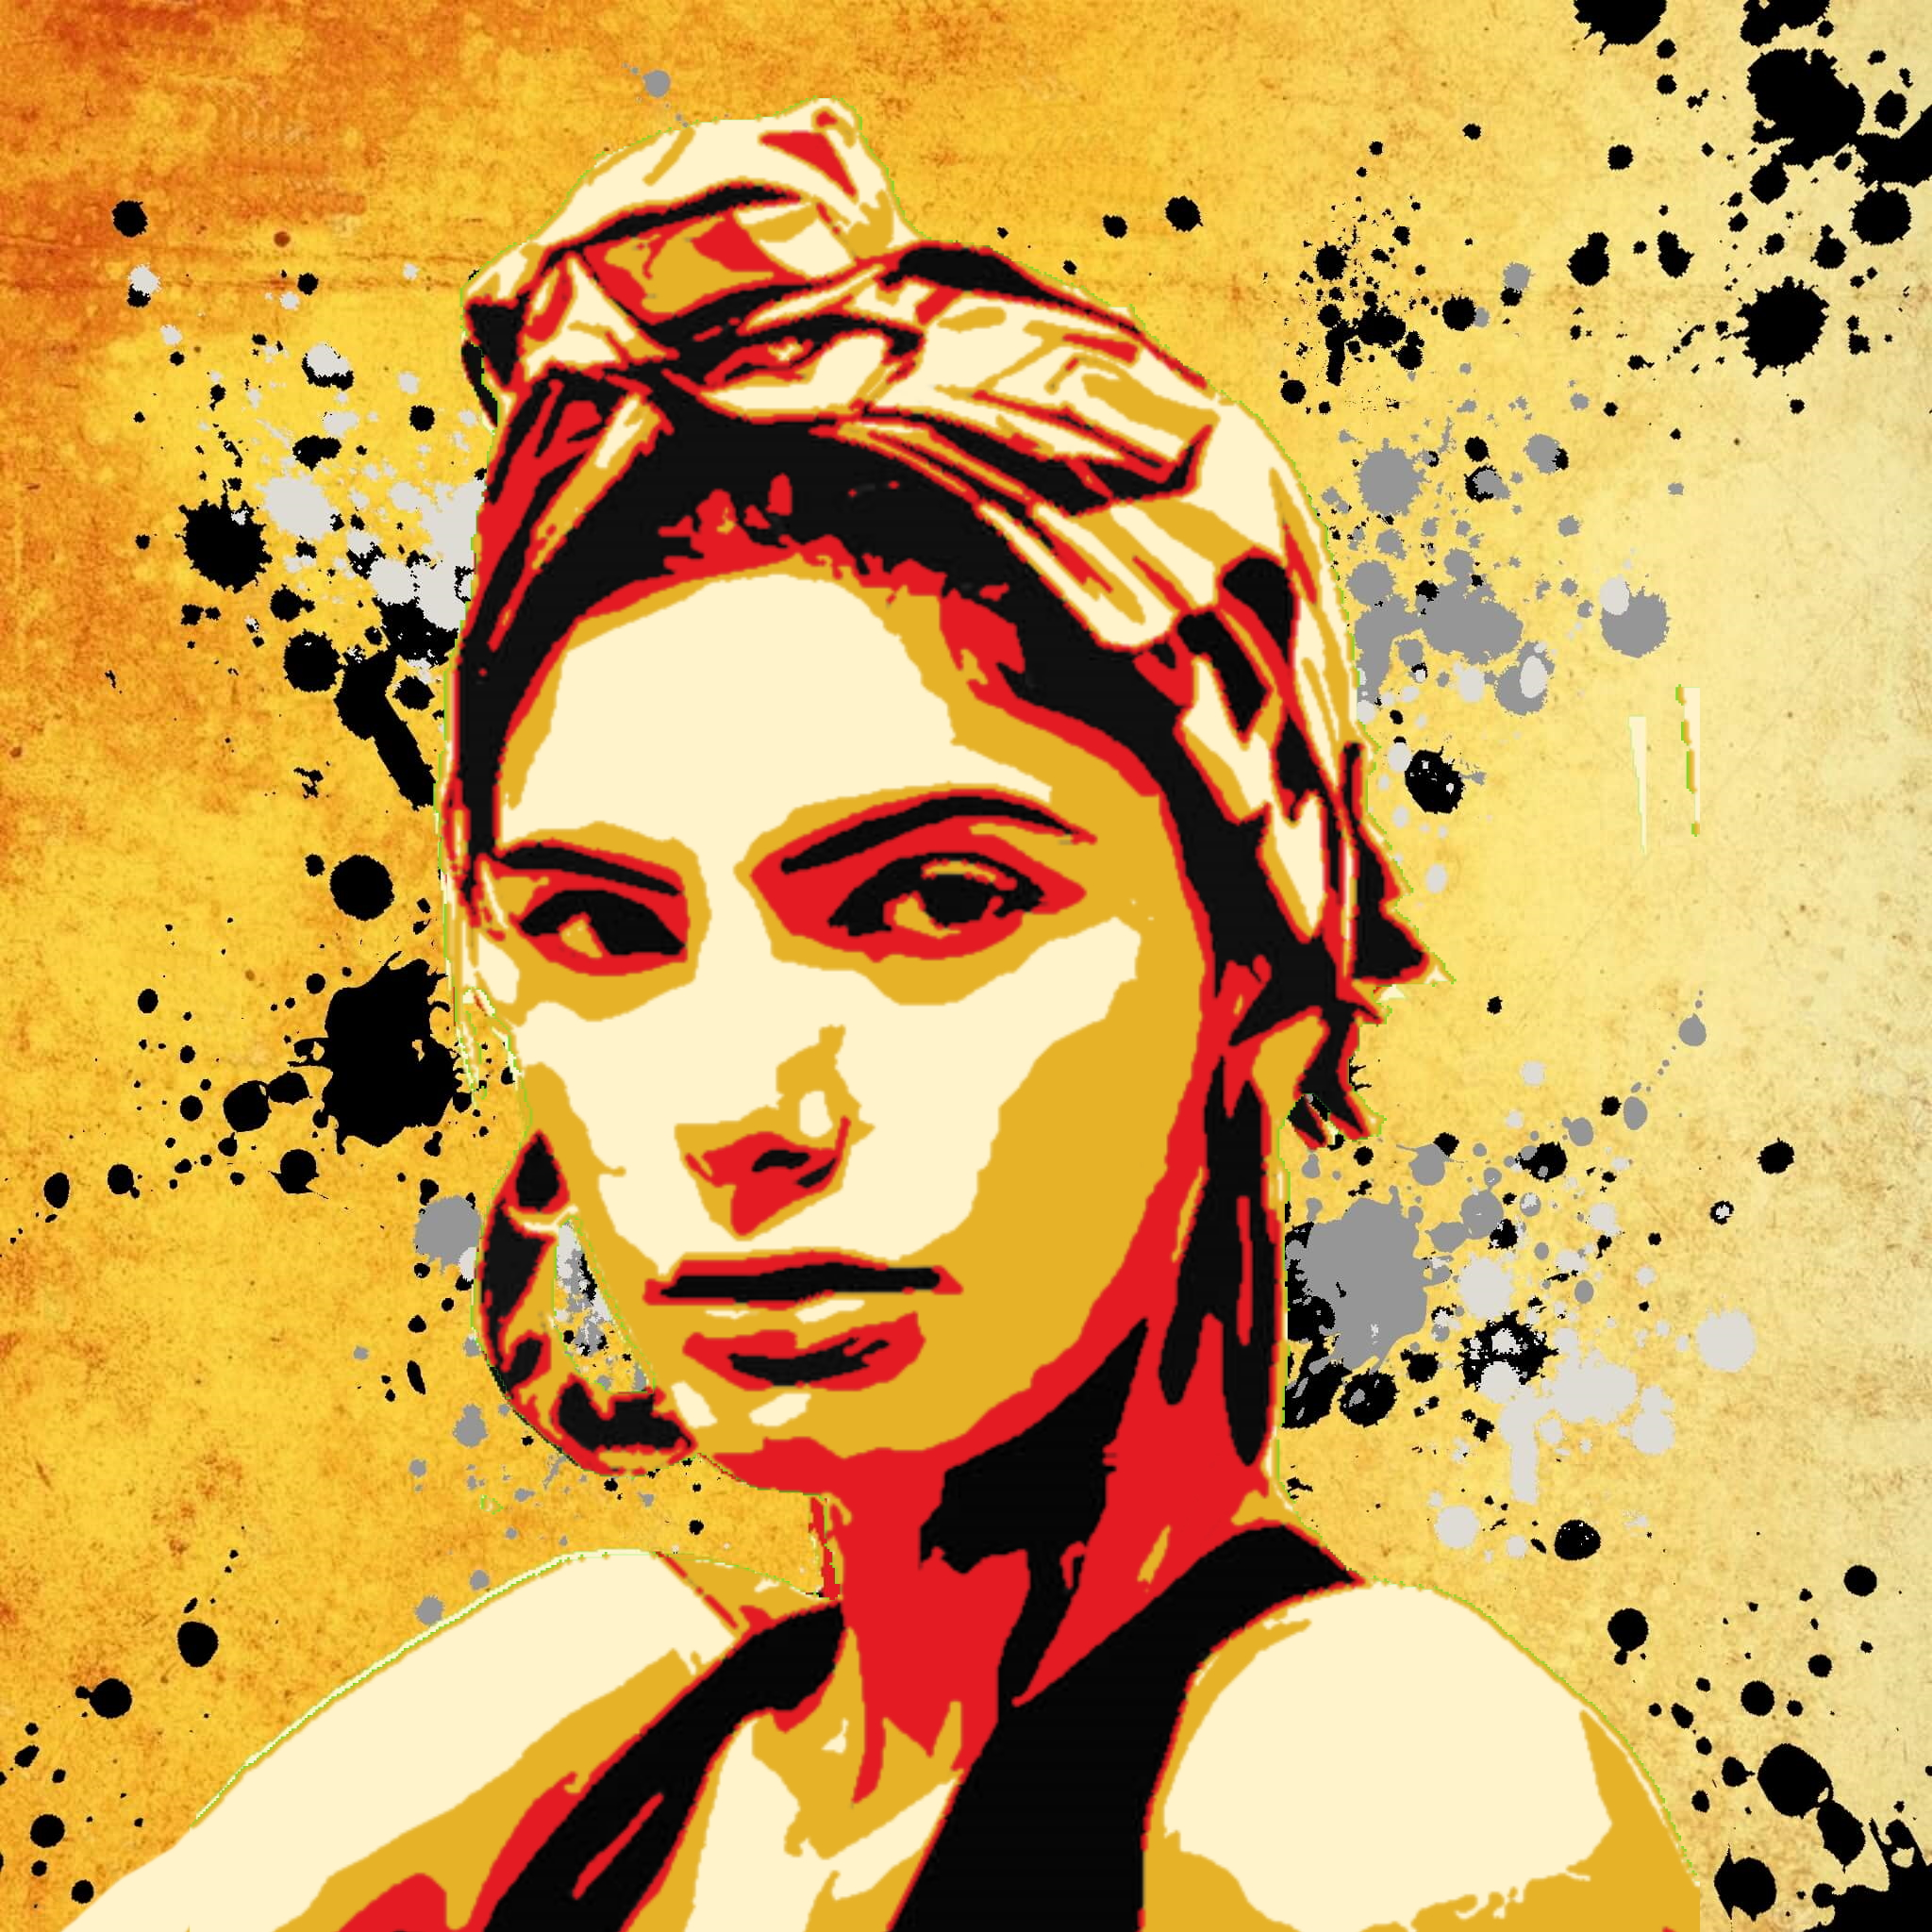 tutoriel-faire-un-tableau-street-art-avec-taches-peinture